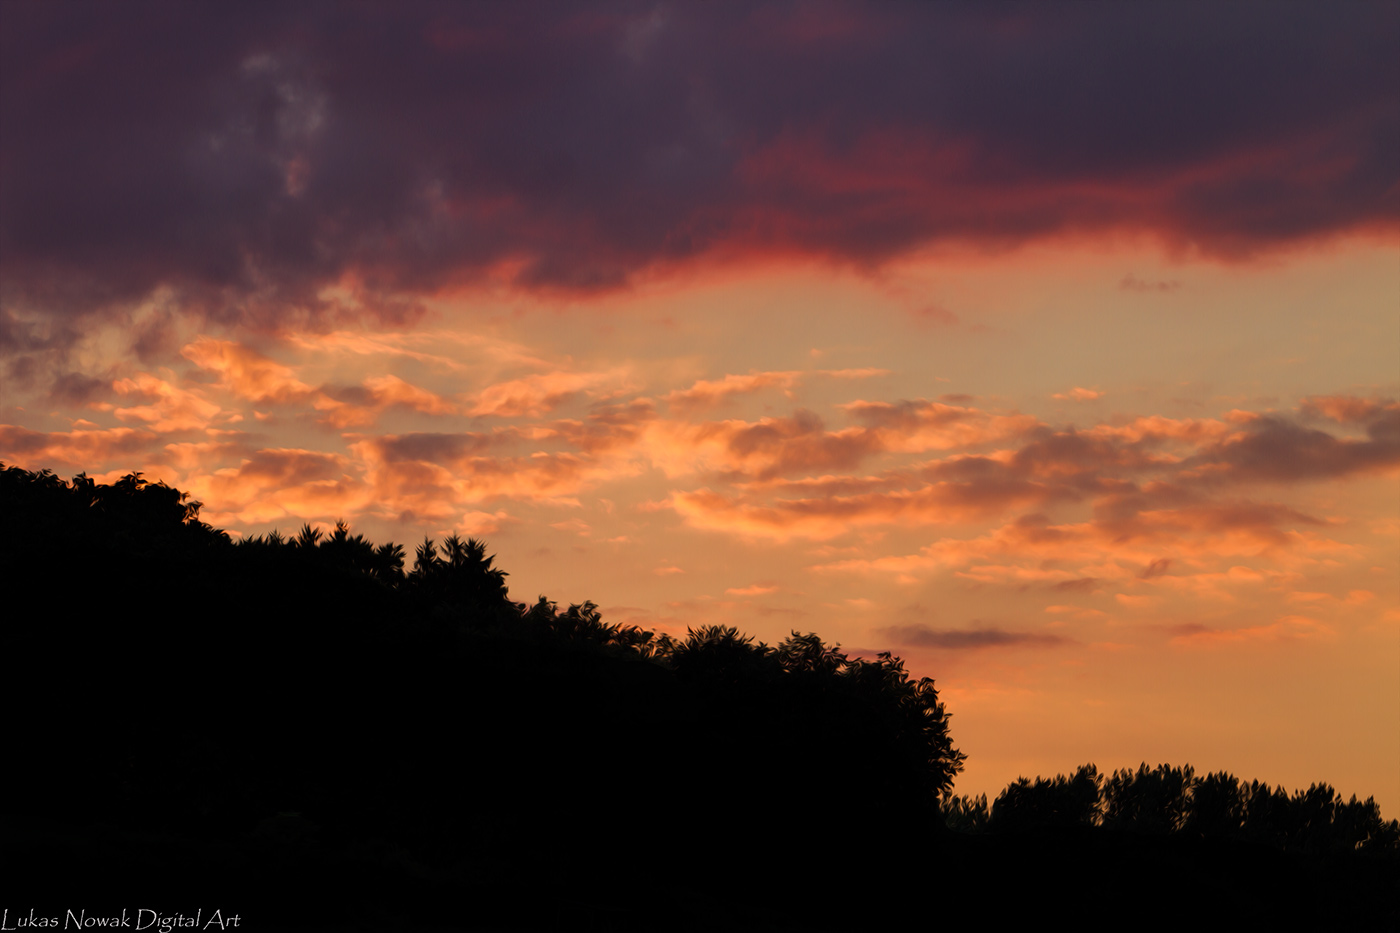 Sonnenuntergang in Wartenberg